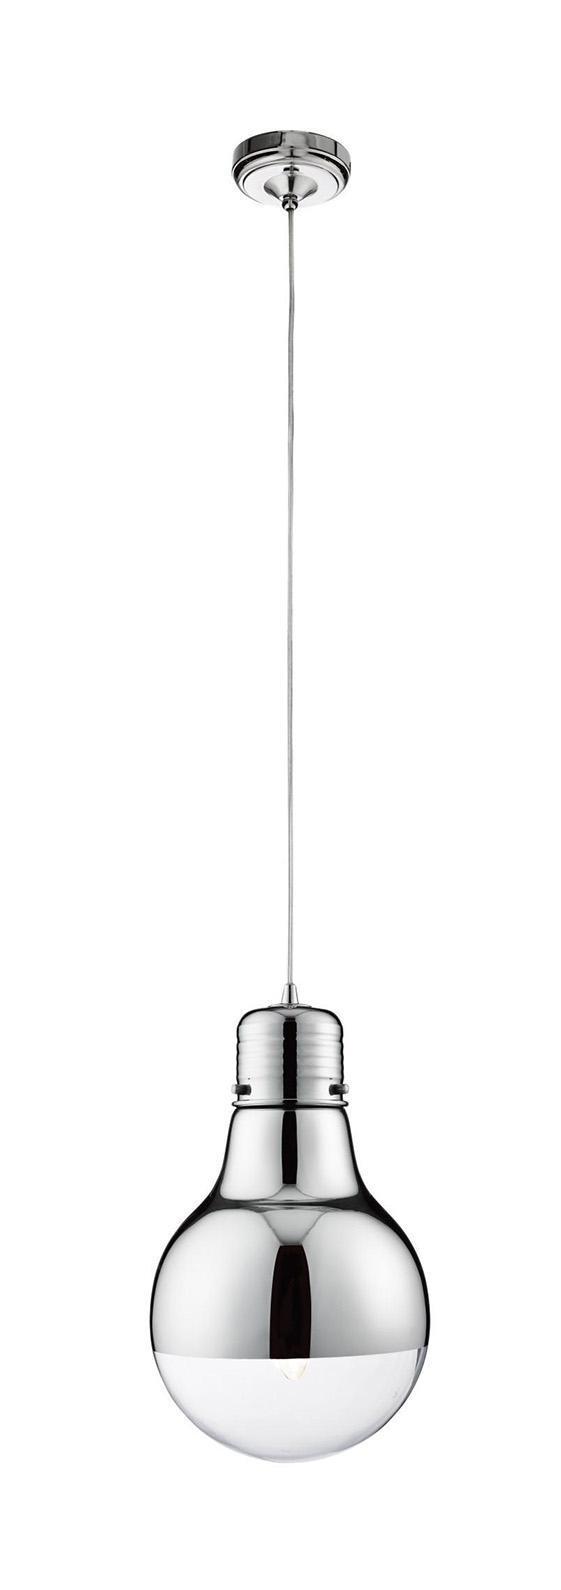 Светильник подвесной Arte lamp A5092sp-1cc цены